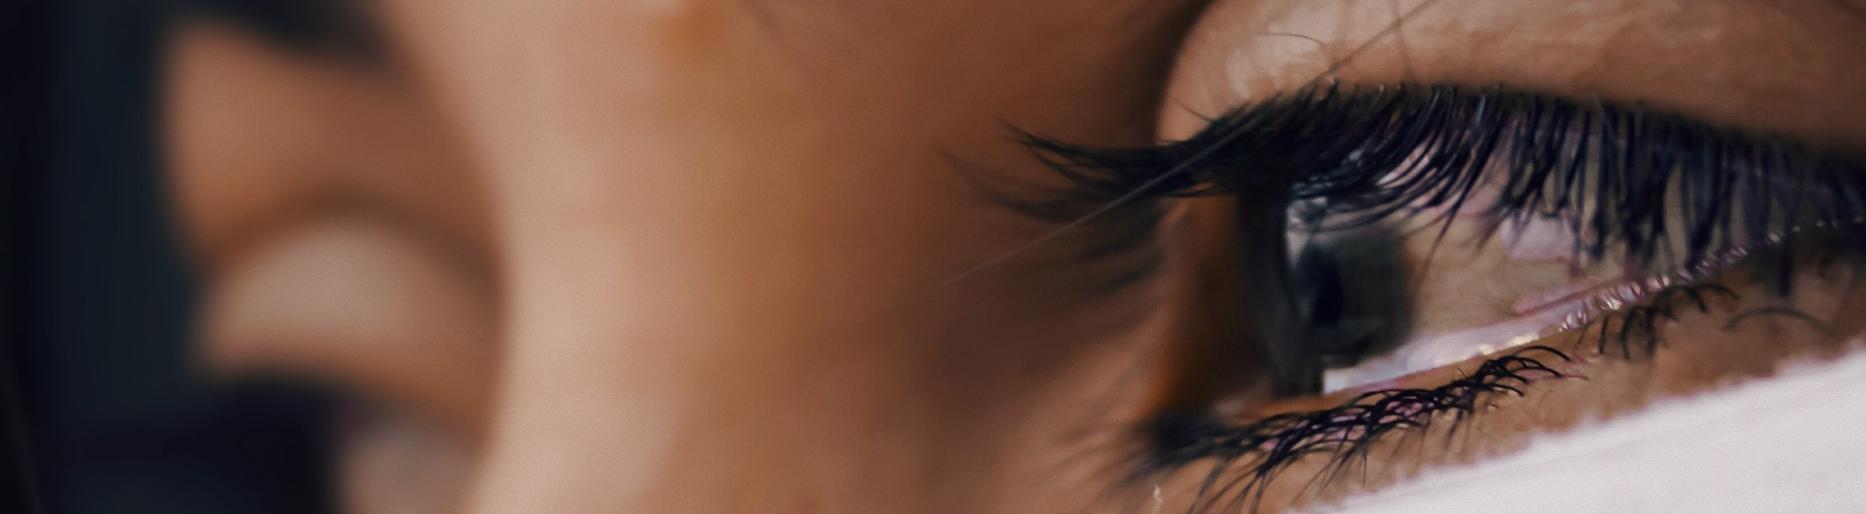 Tränen im Auge einer Frau